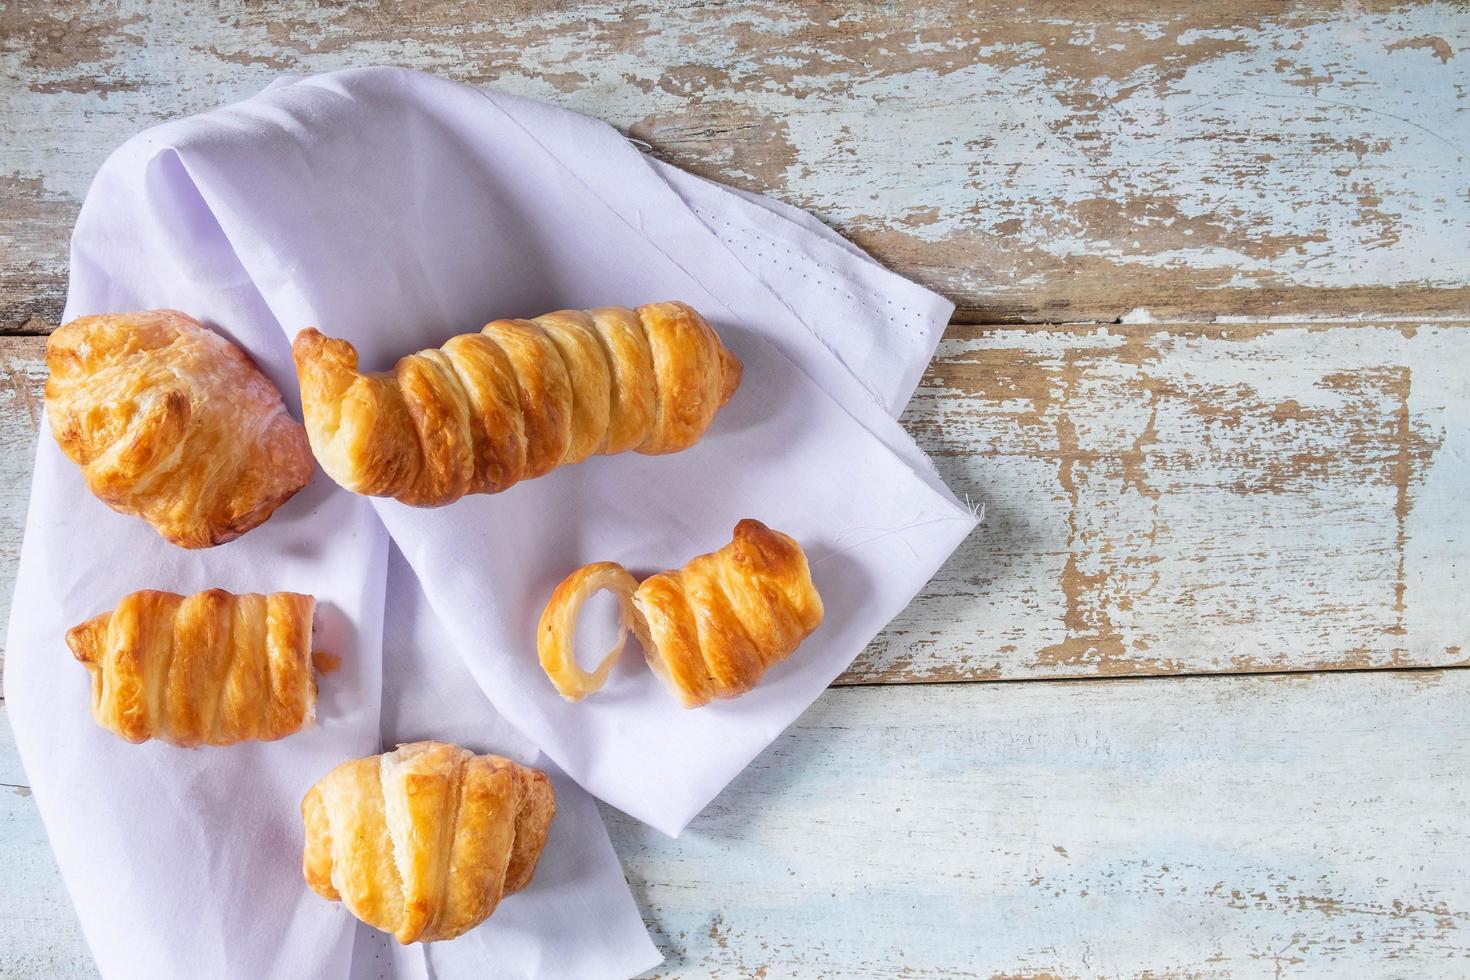 frisches Brot auf dem Tisch foto